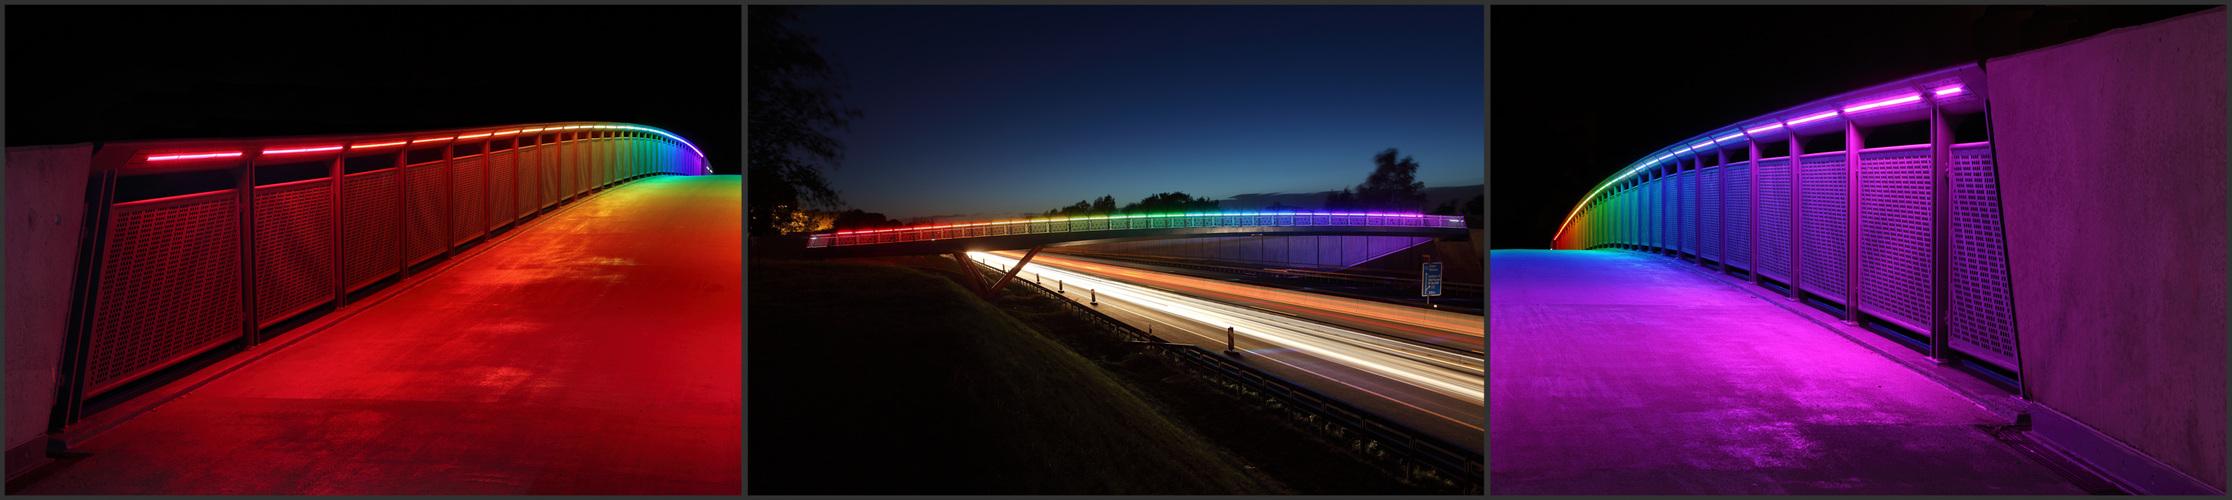 Regenbogenbrücke I – Triptychon